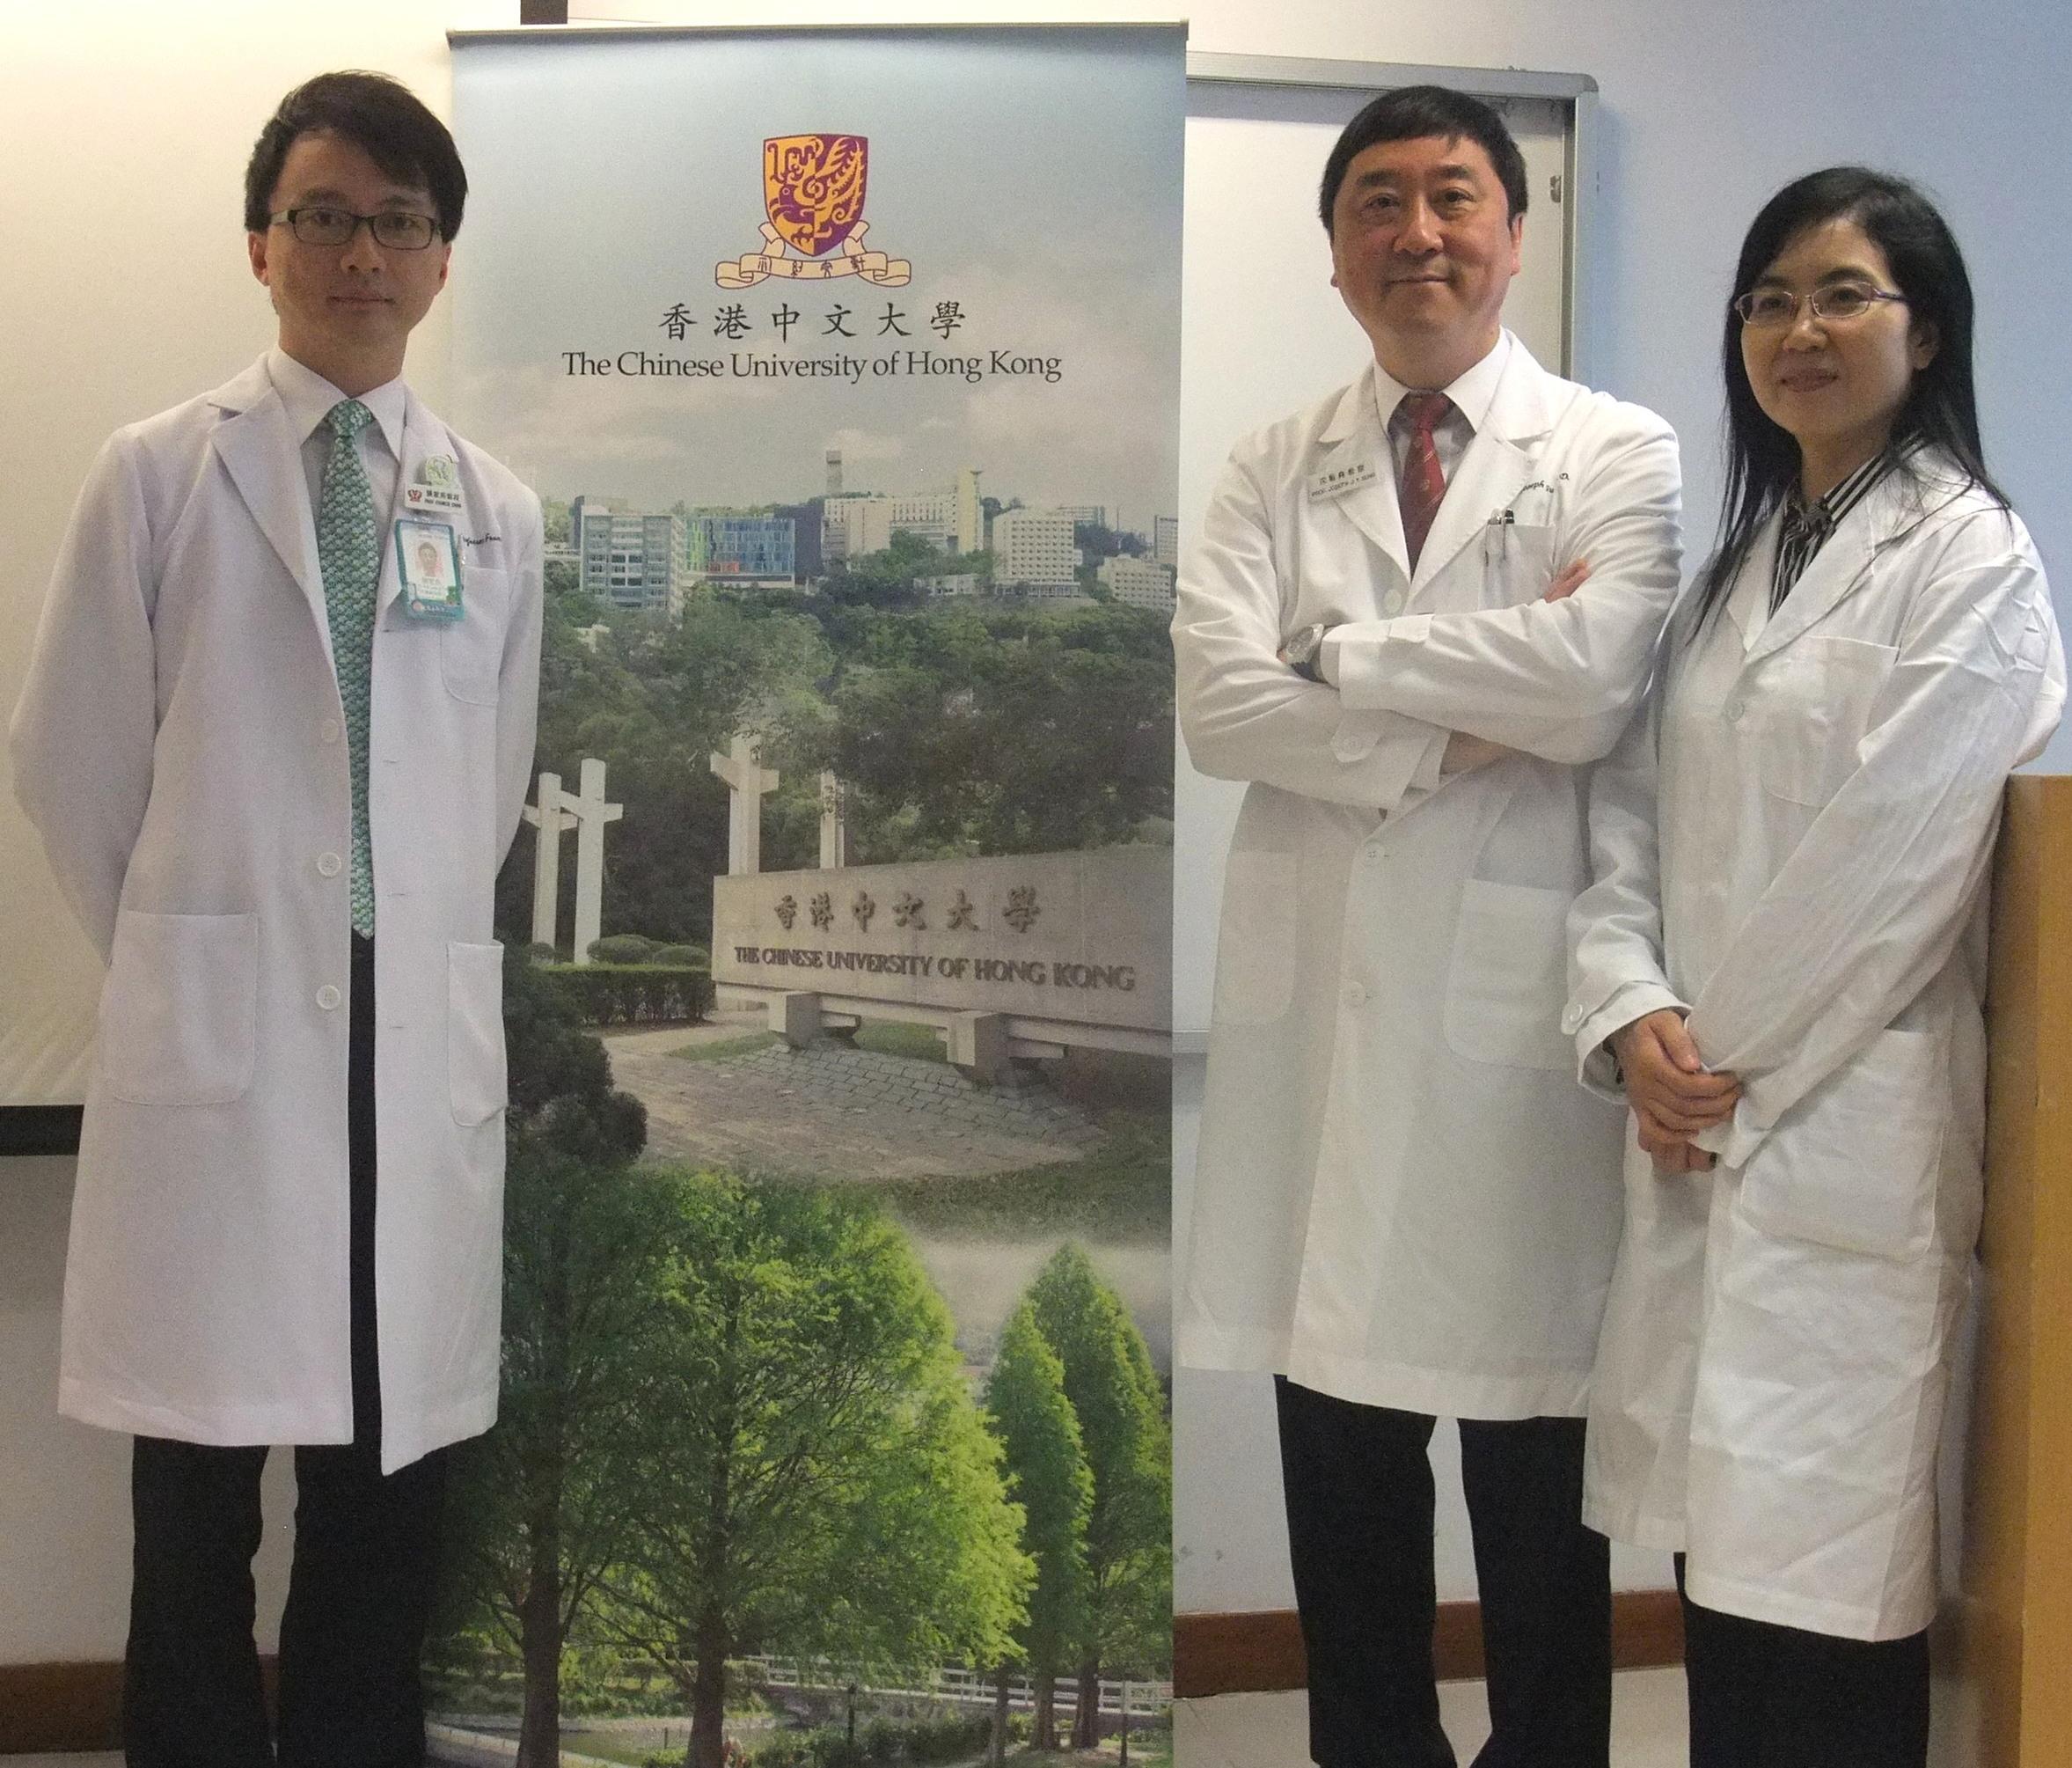 沈祖堯教授與中大消化疾病研究所(研究所)研究團隊的兩名成員分享腸胃研究的成果。兩名成員為研究所所長陳家亮教授(左)及于君教授。